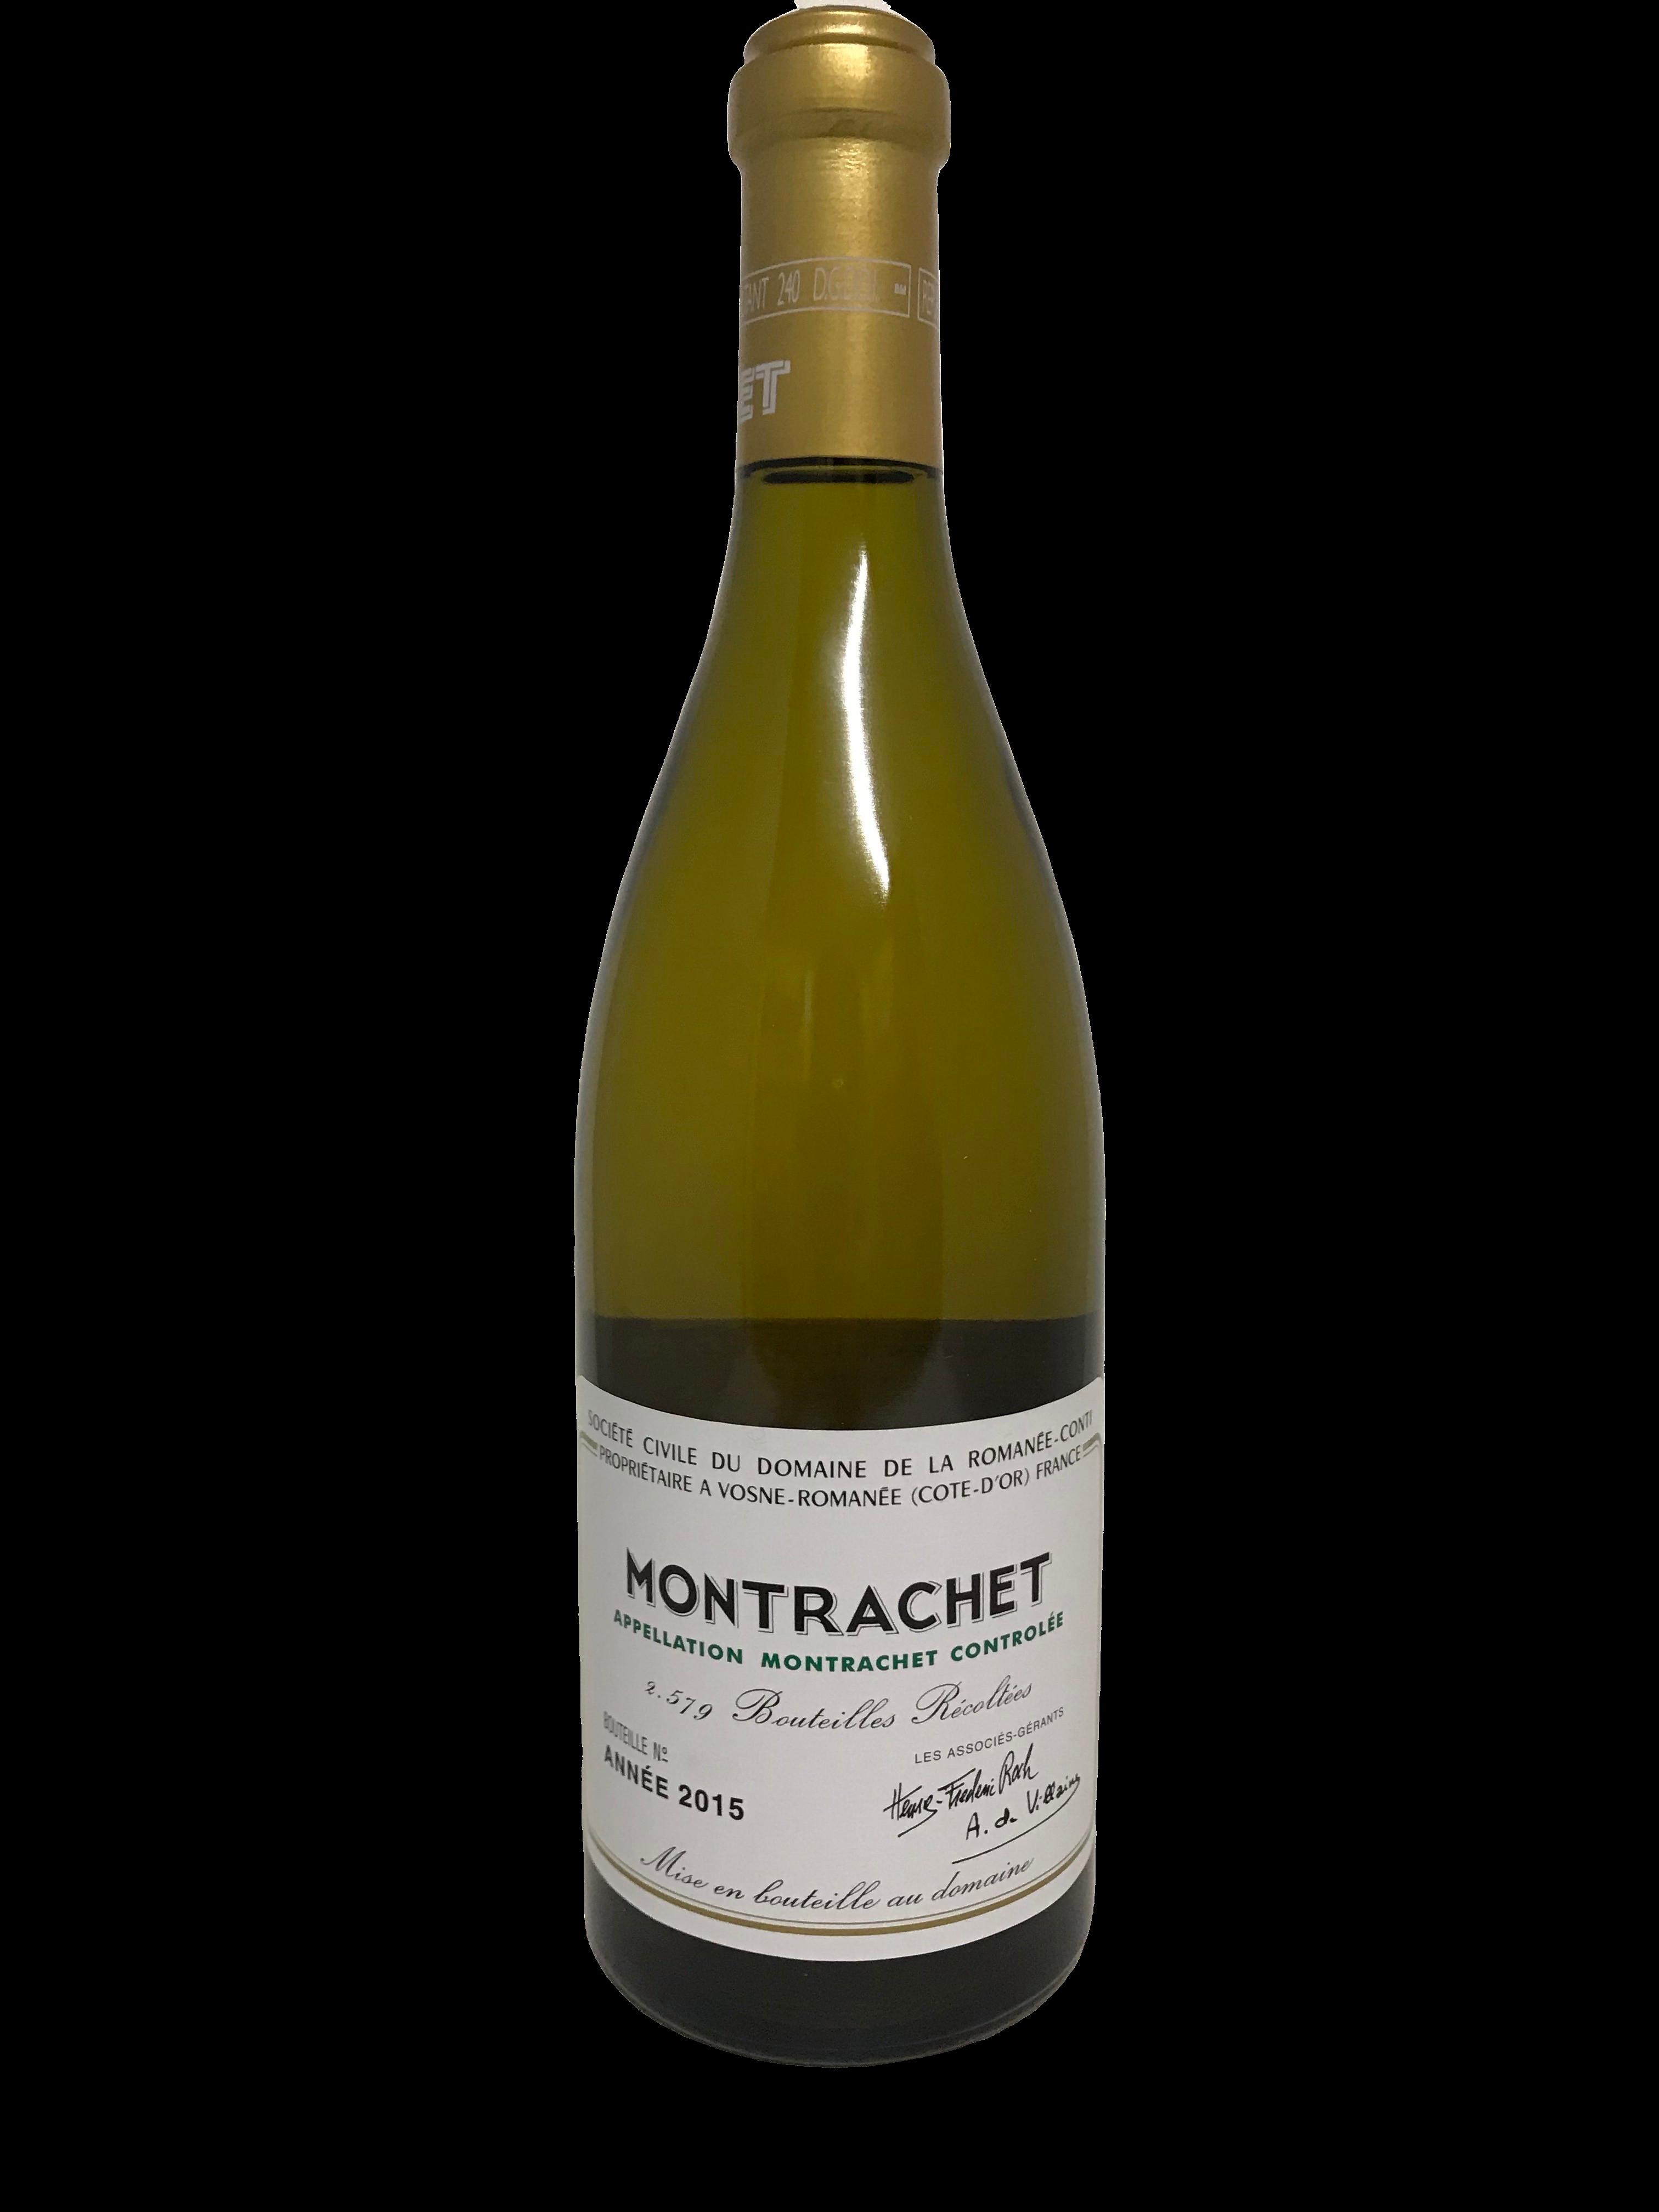 Domaine de la Romanée-Conti (DRC) – Montrachet 2015